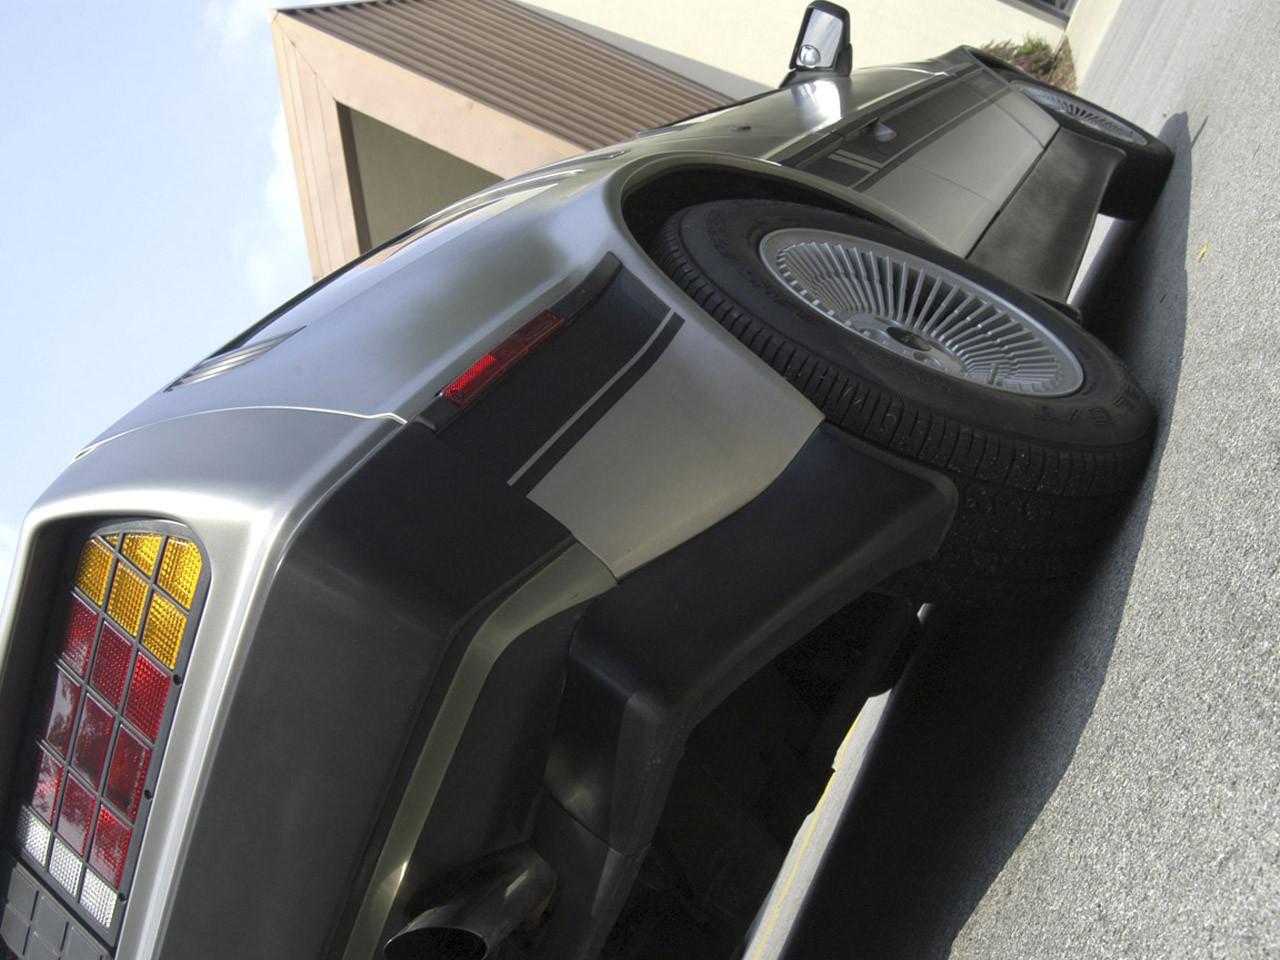 Fondos De Pantalla Vehículo Porsche Show De Net: Fondos De Pantalla : Vehículo, Coche Deportivo